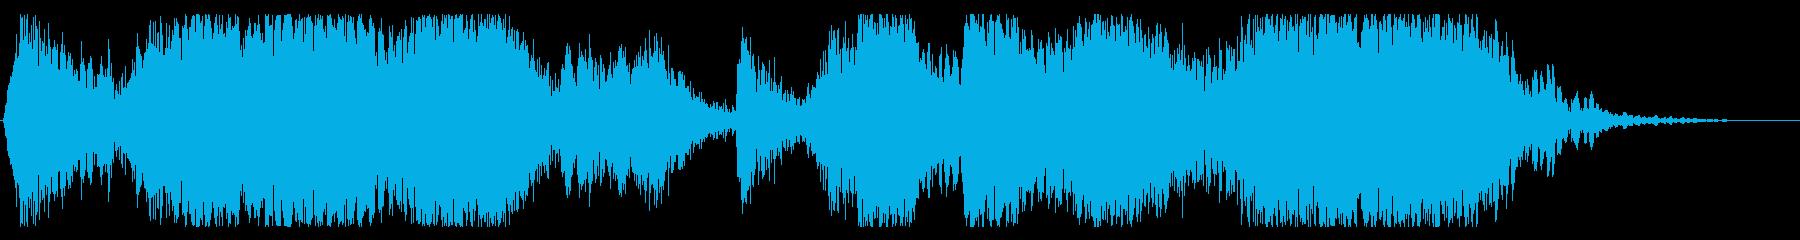 スクラッチ/DJの効果音!10の再生済みの波形